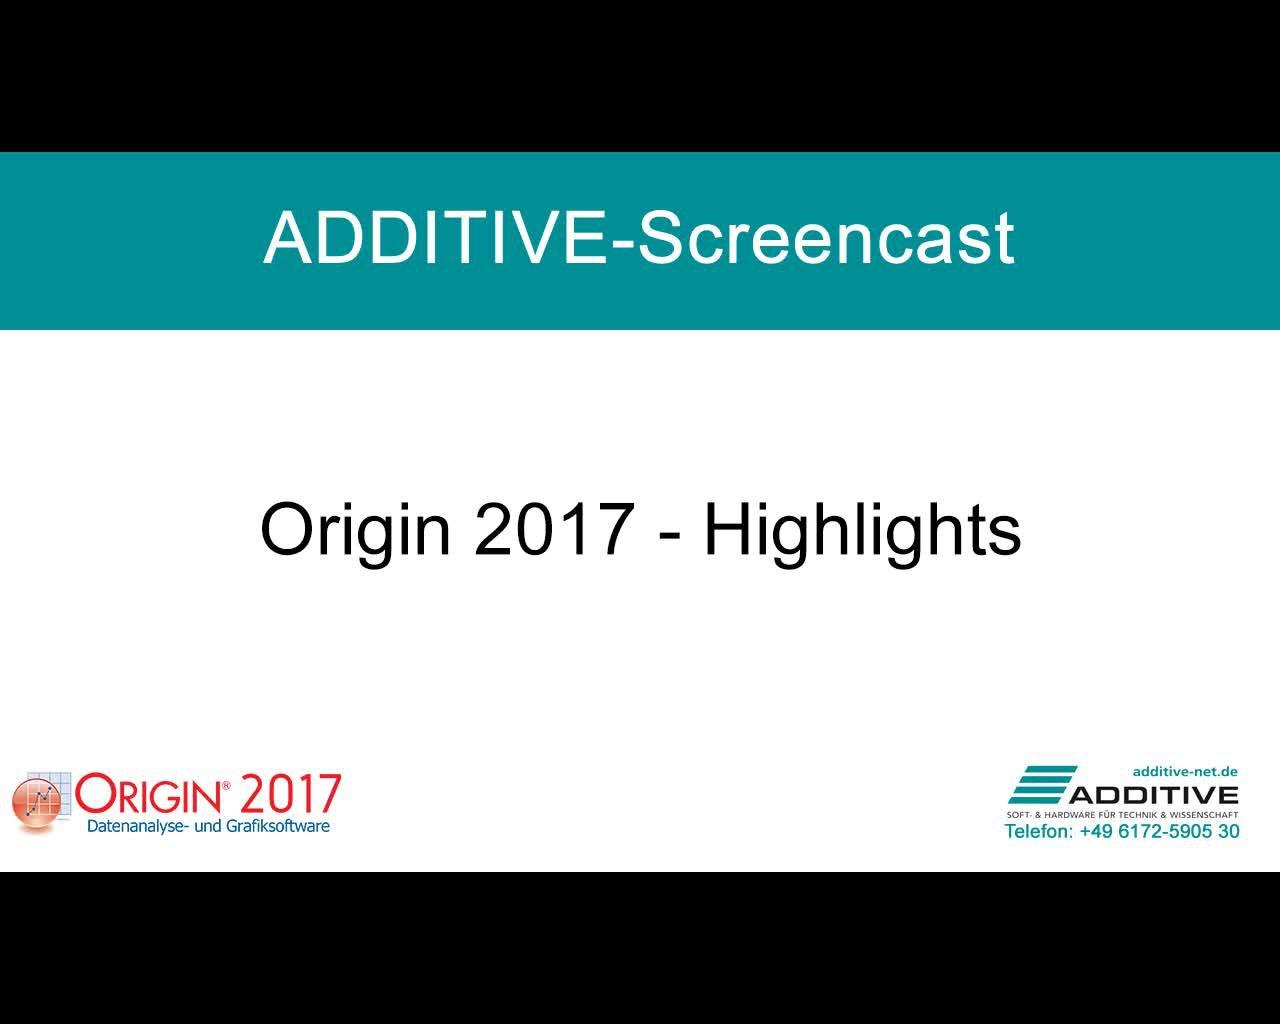 Highlights in Origin 2017